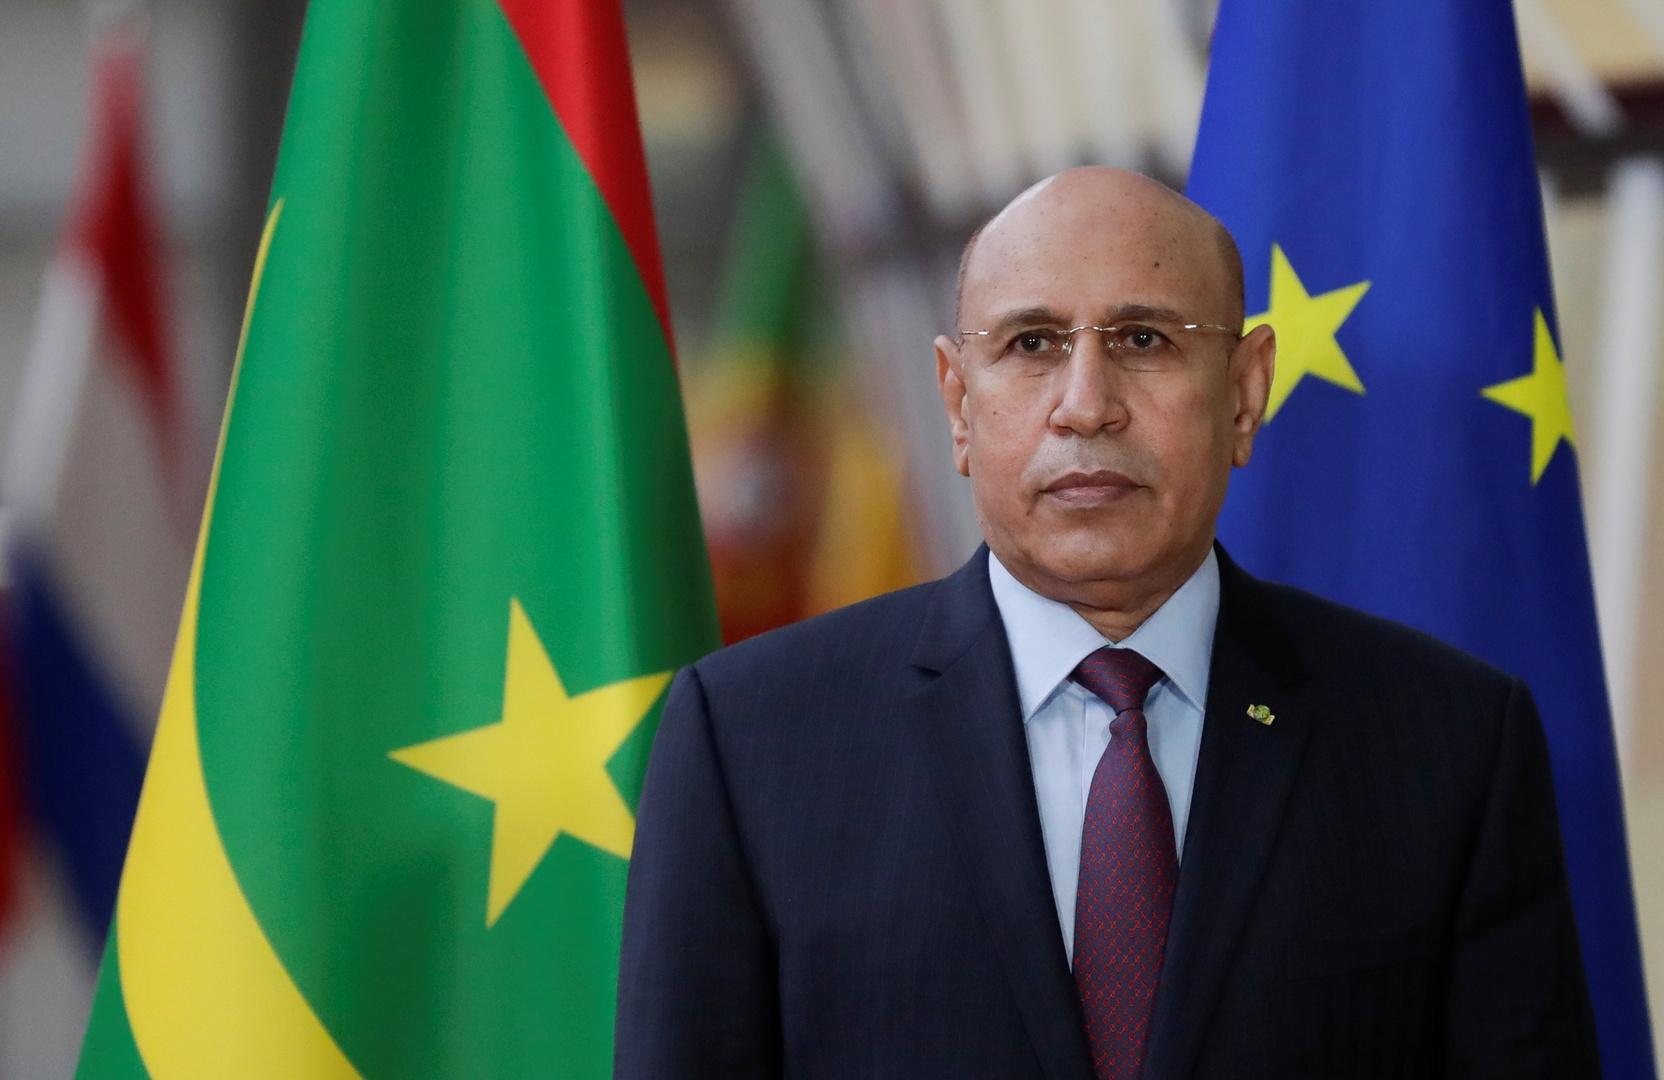 وزارة الصحة الموريتانية تكشف عن موعد تطعيم الرئيس وأعضاء الحكومة